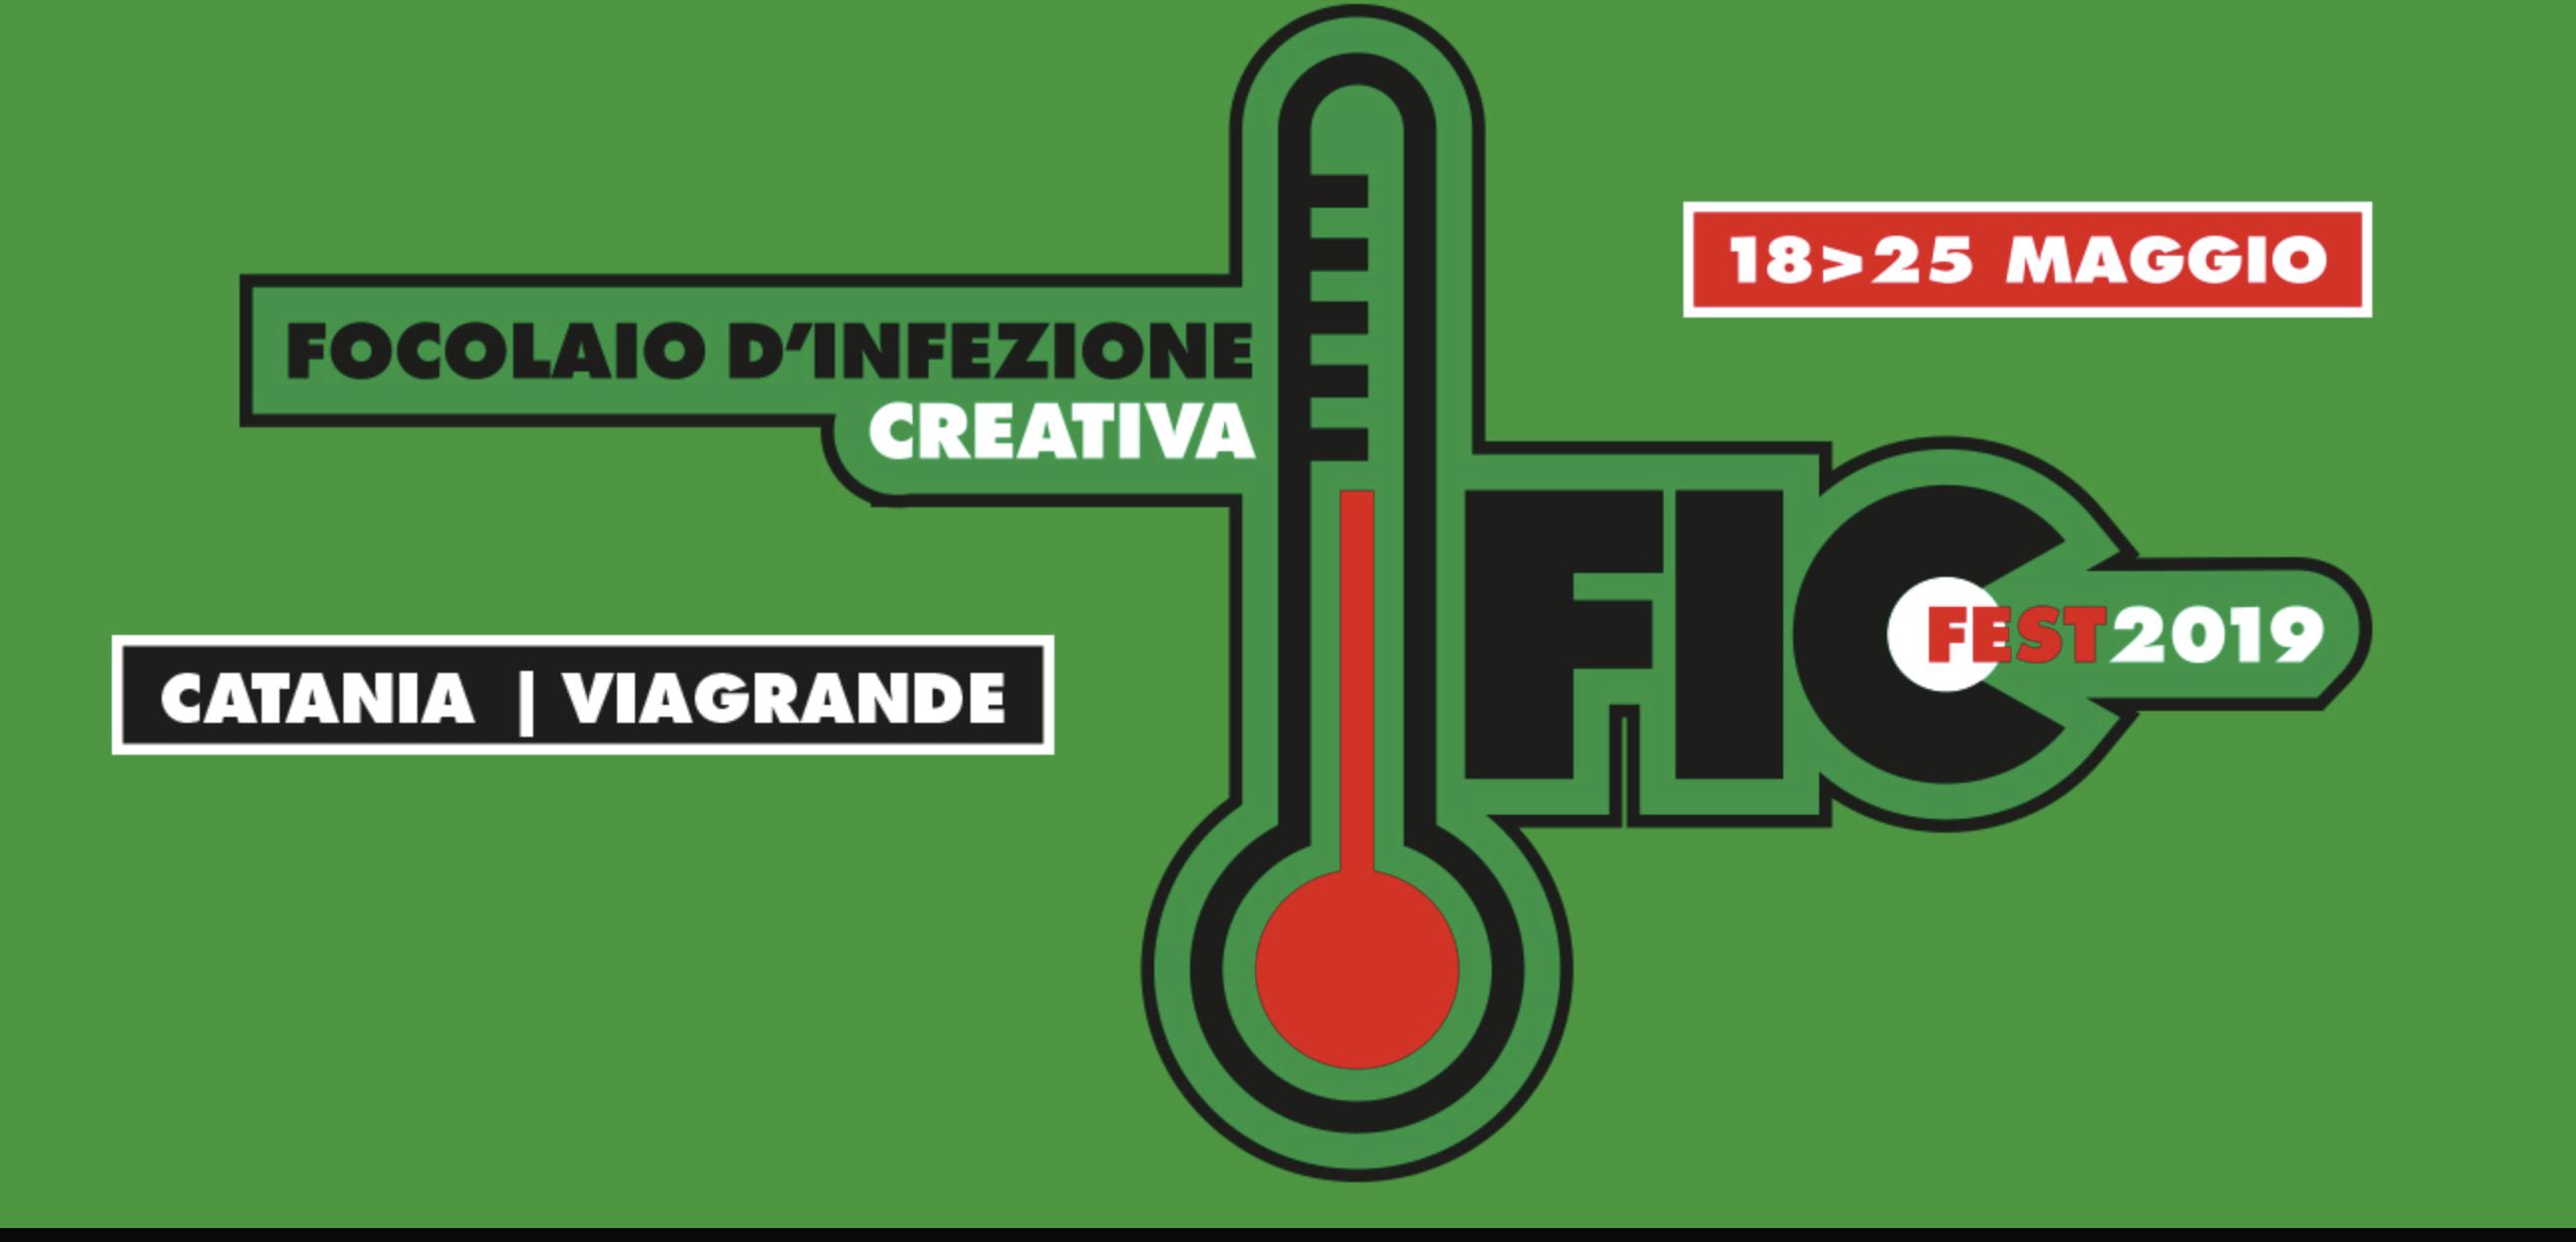 8 GIORNI DI FIC FEST. Scenario Pubblico a Catania e Viagrande